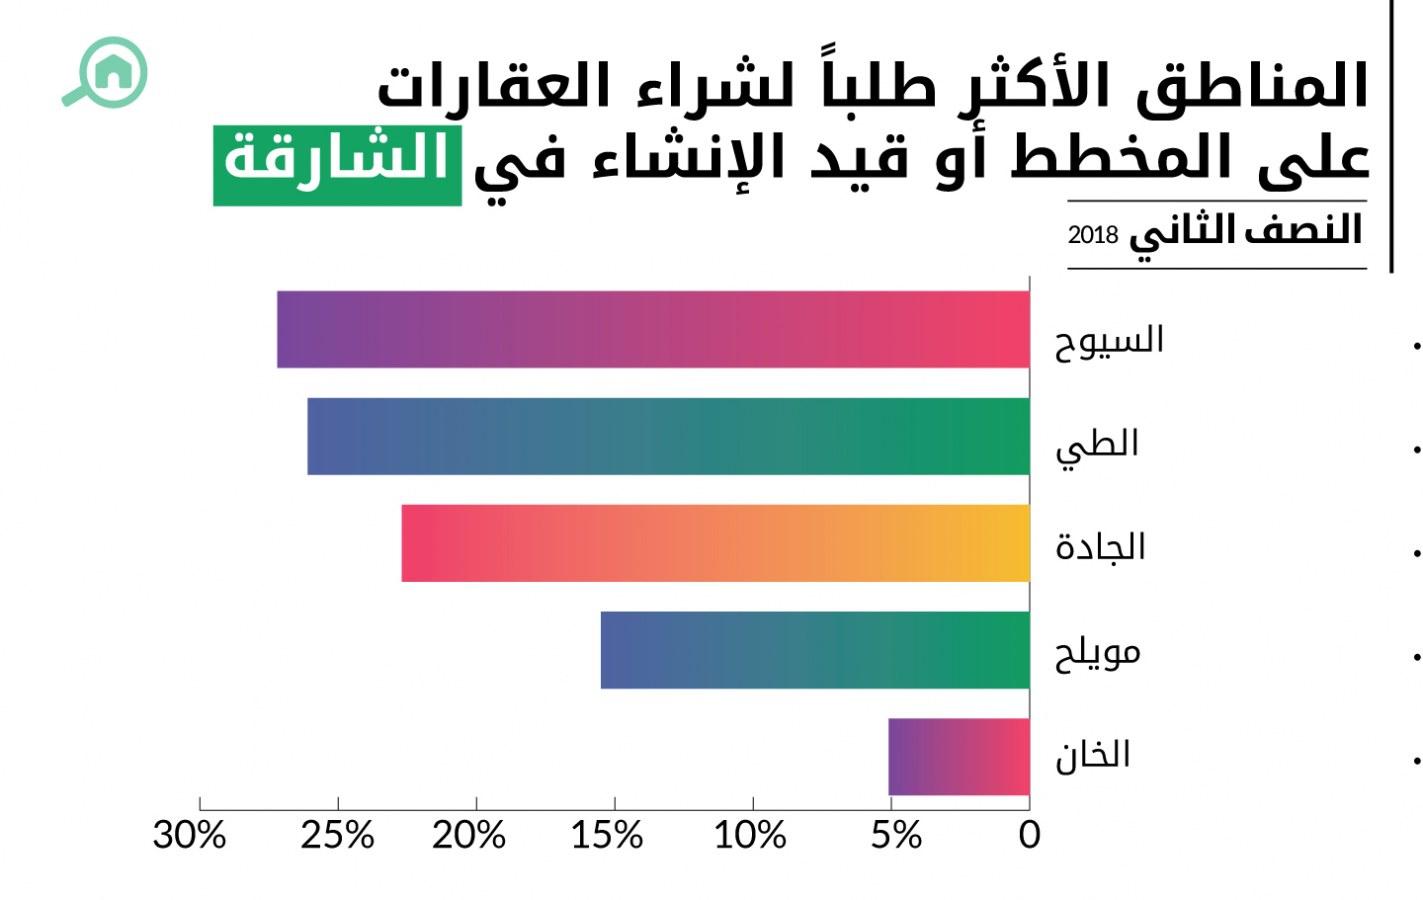 أكثر المناطق طلباً لشراء العقارات التي مازالت على المخطط أو قيد الإنشاء في الشارقة